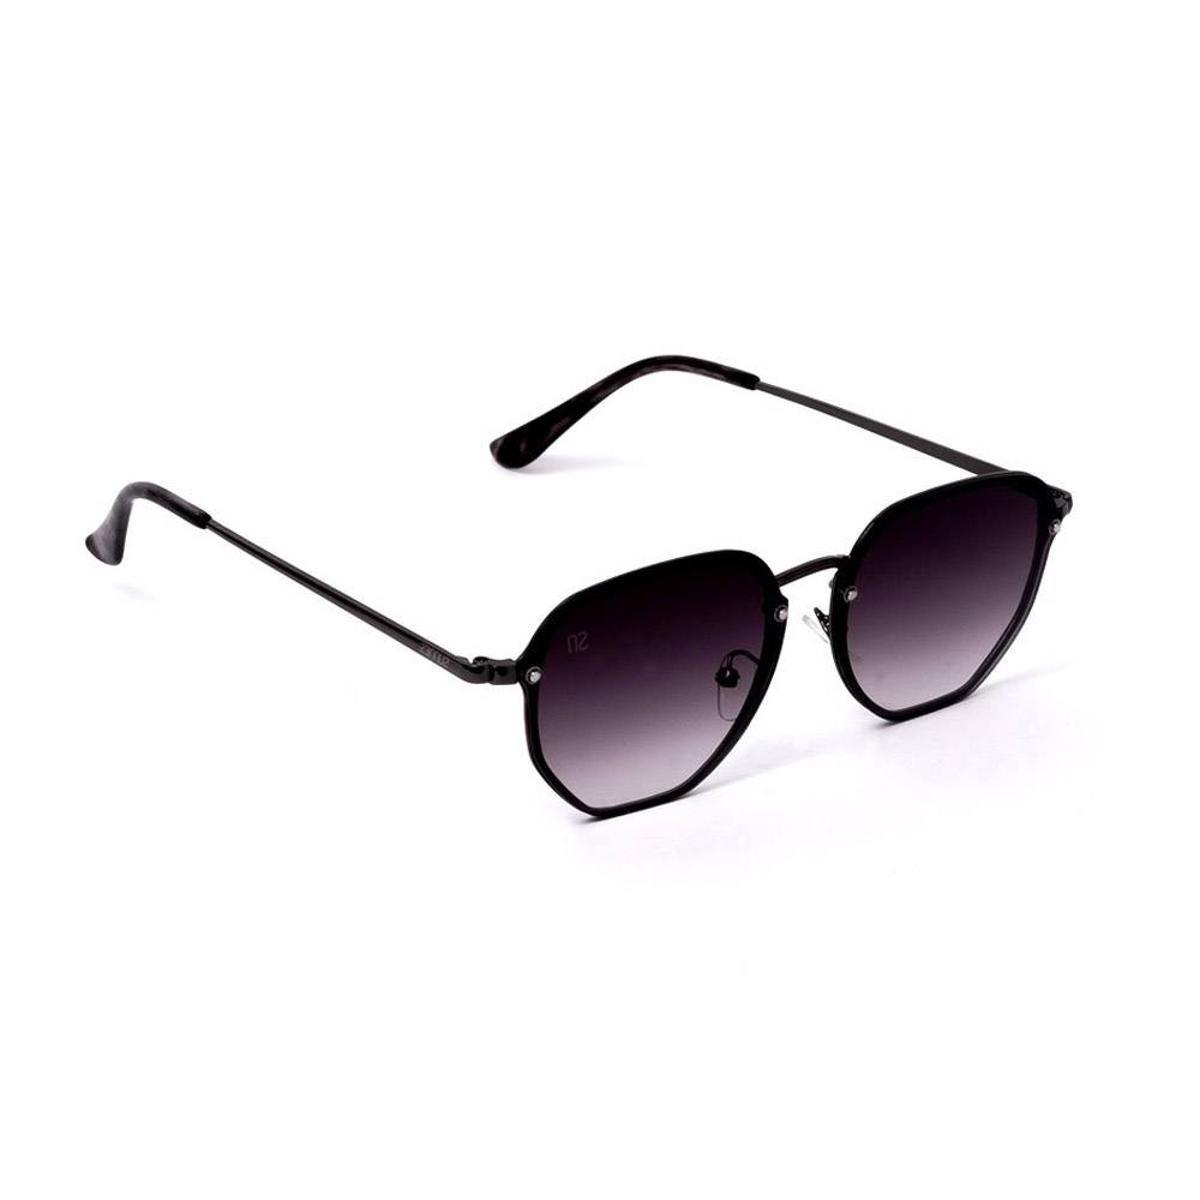 Óculos de Sol Classic Degradê - Compre Agora   Zattini c2ea2c82cb